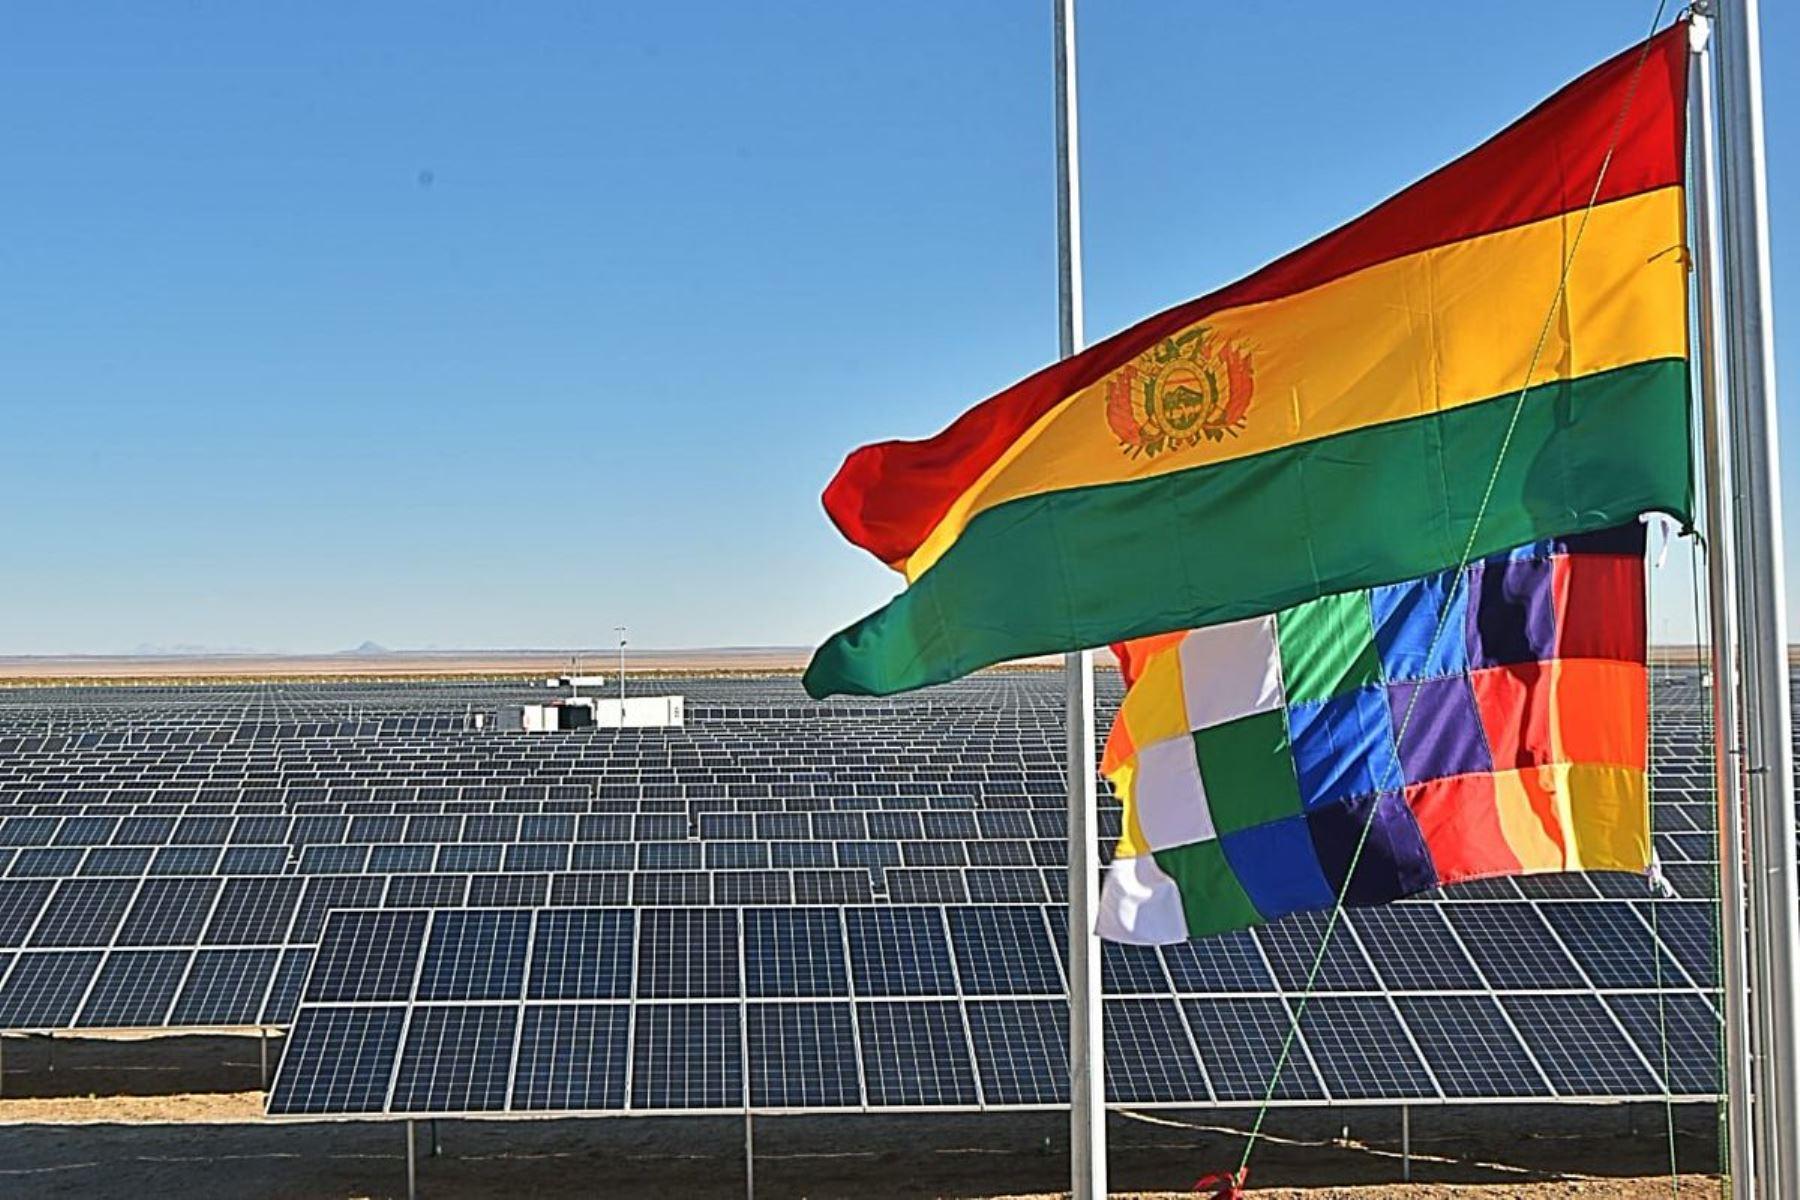 Una primera fase de esta planta del oeste de Bolivia fue inaugurada en septiembre de 2019. Foto: Internet